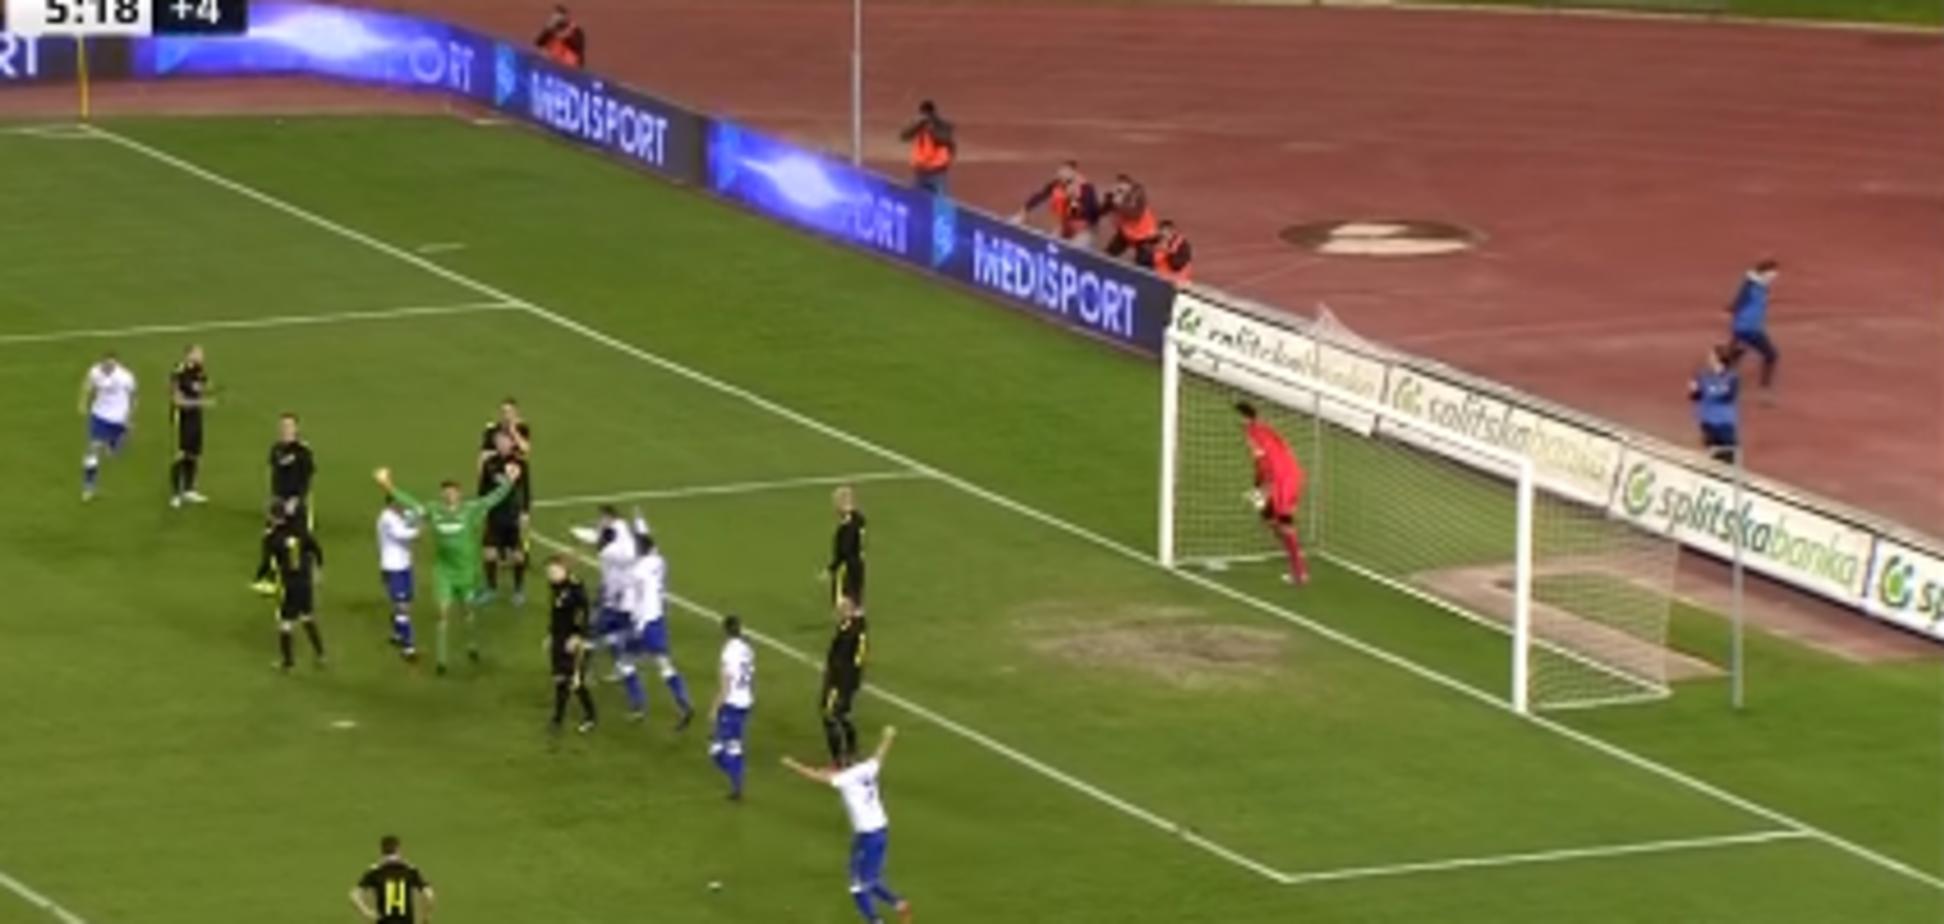 Хорватский вратарь забил эффектный мяч в падении на последней секунде матча: видео победного гола